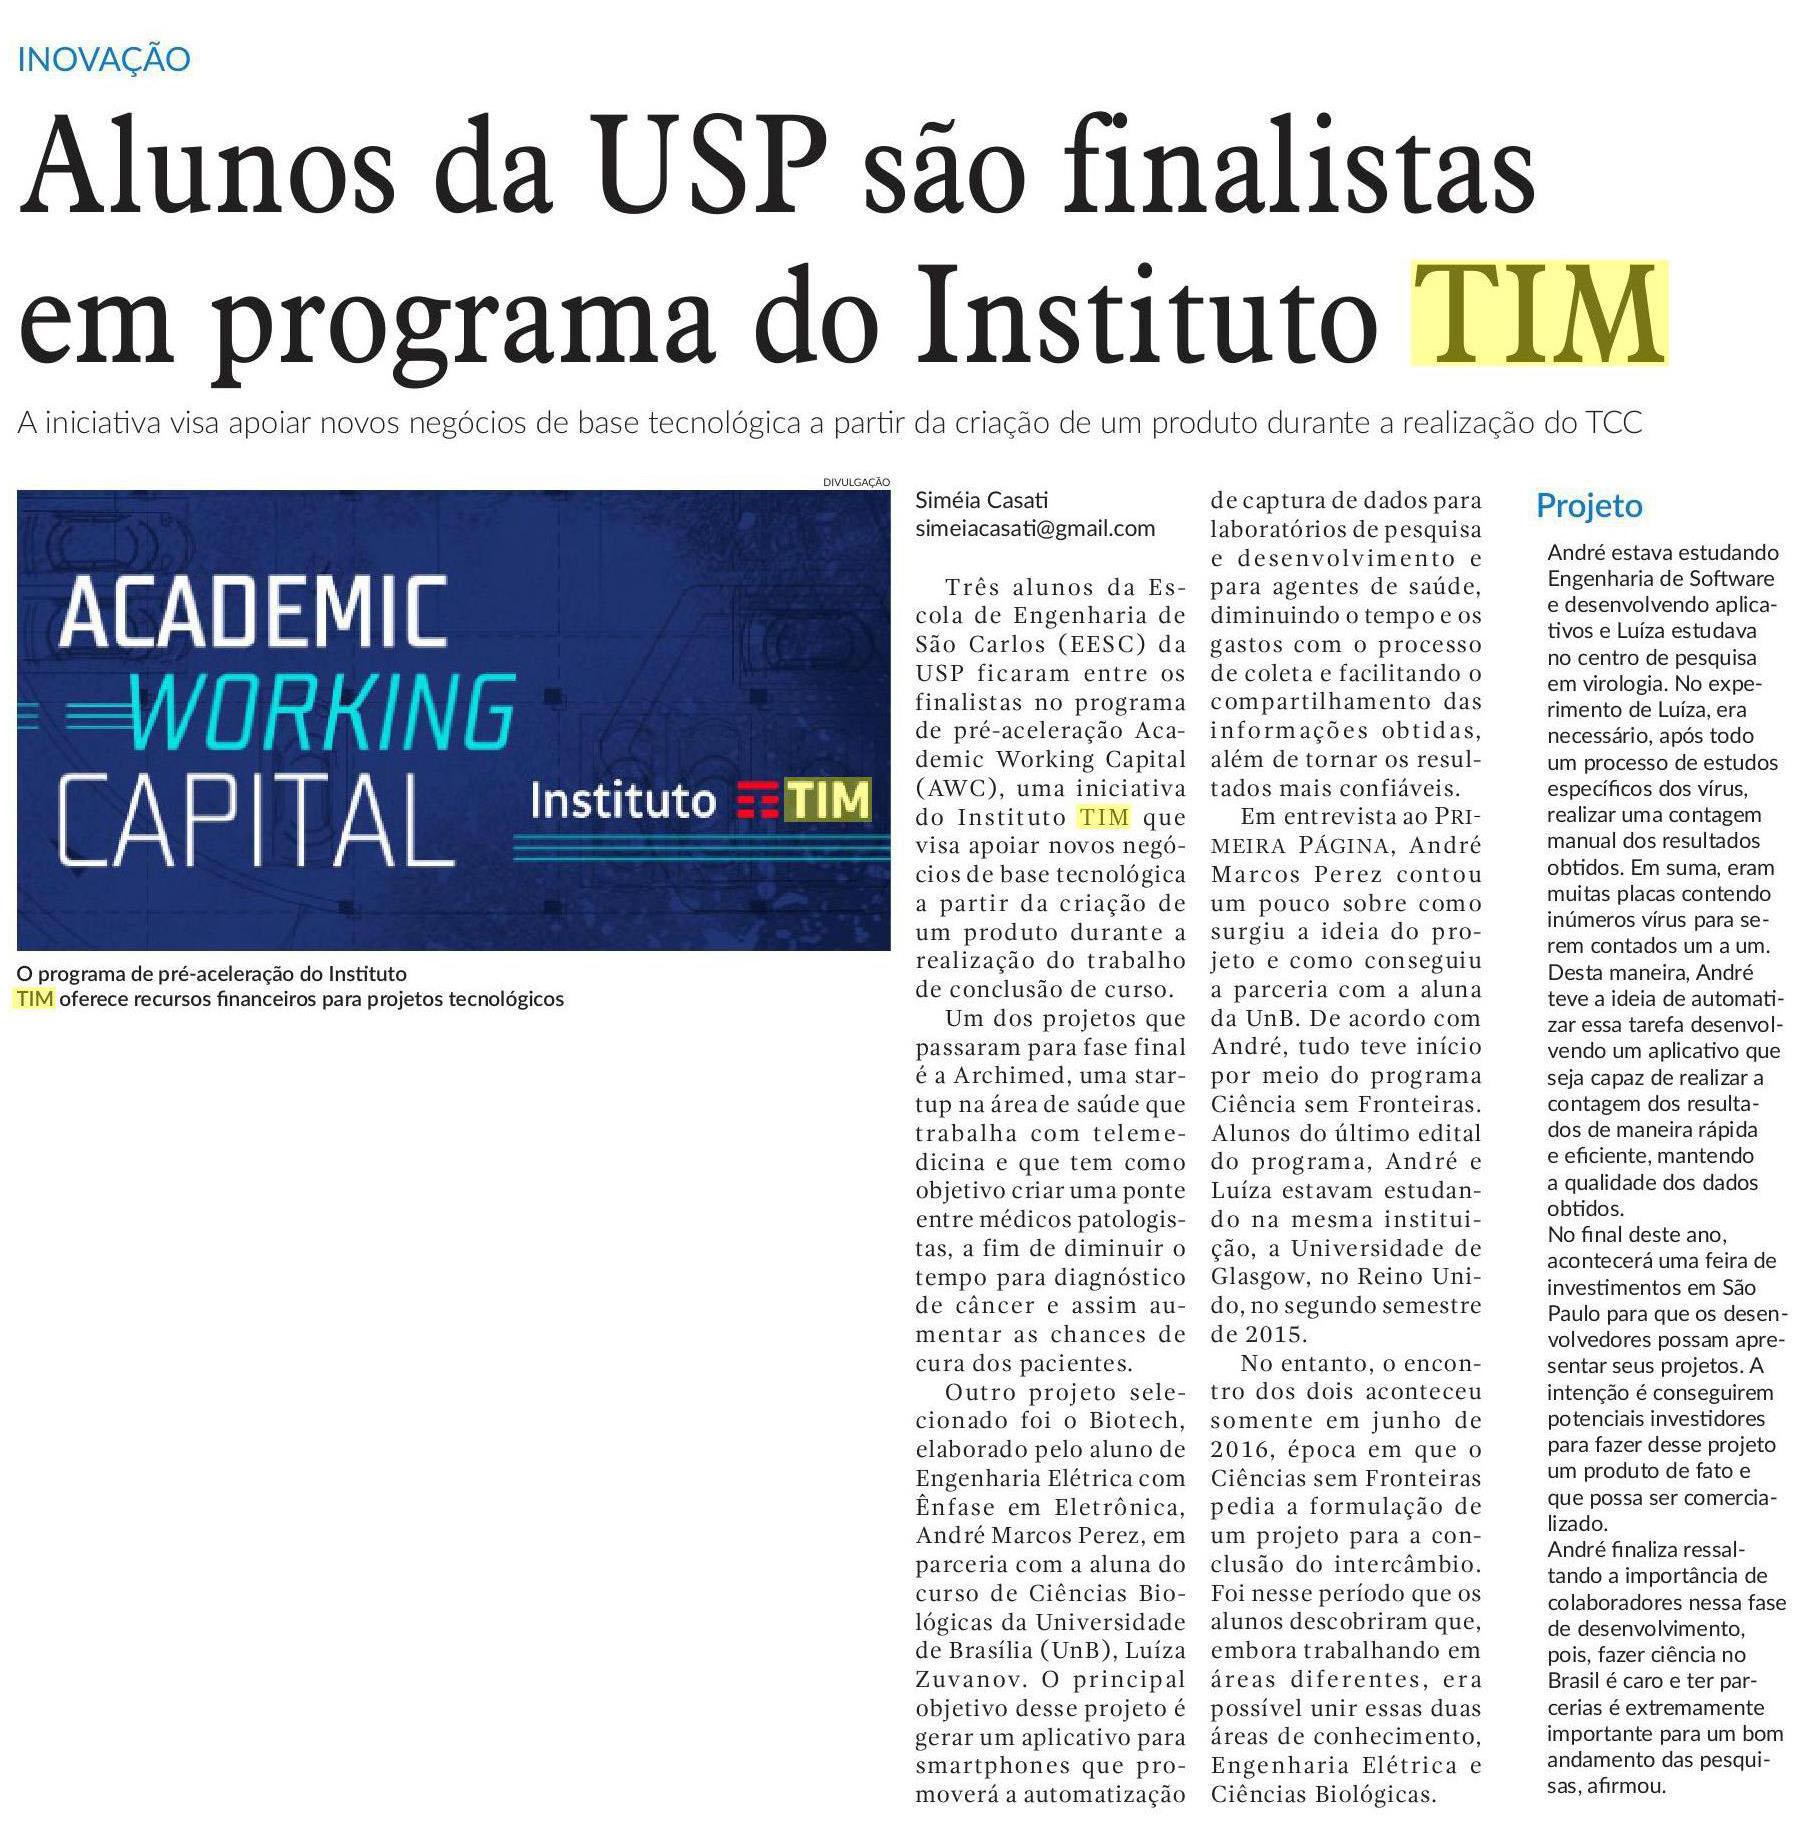 22_06_2017_primeira-pagina-sao-carlos-sp_alunos-da-usp-sao-finalistas-em-programa-do-instituto-tim-v2